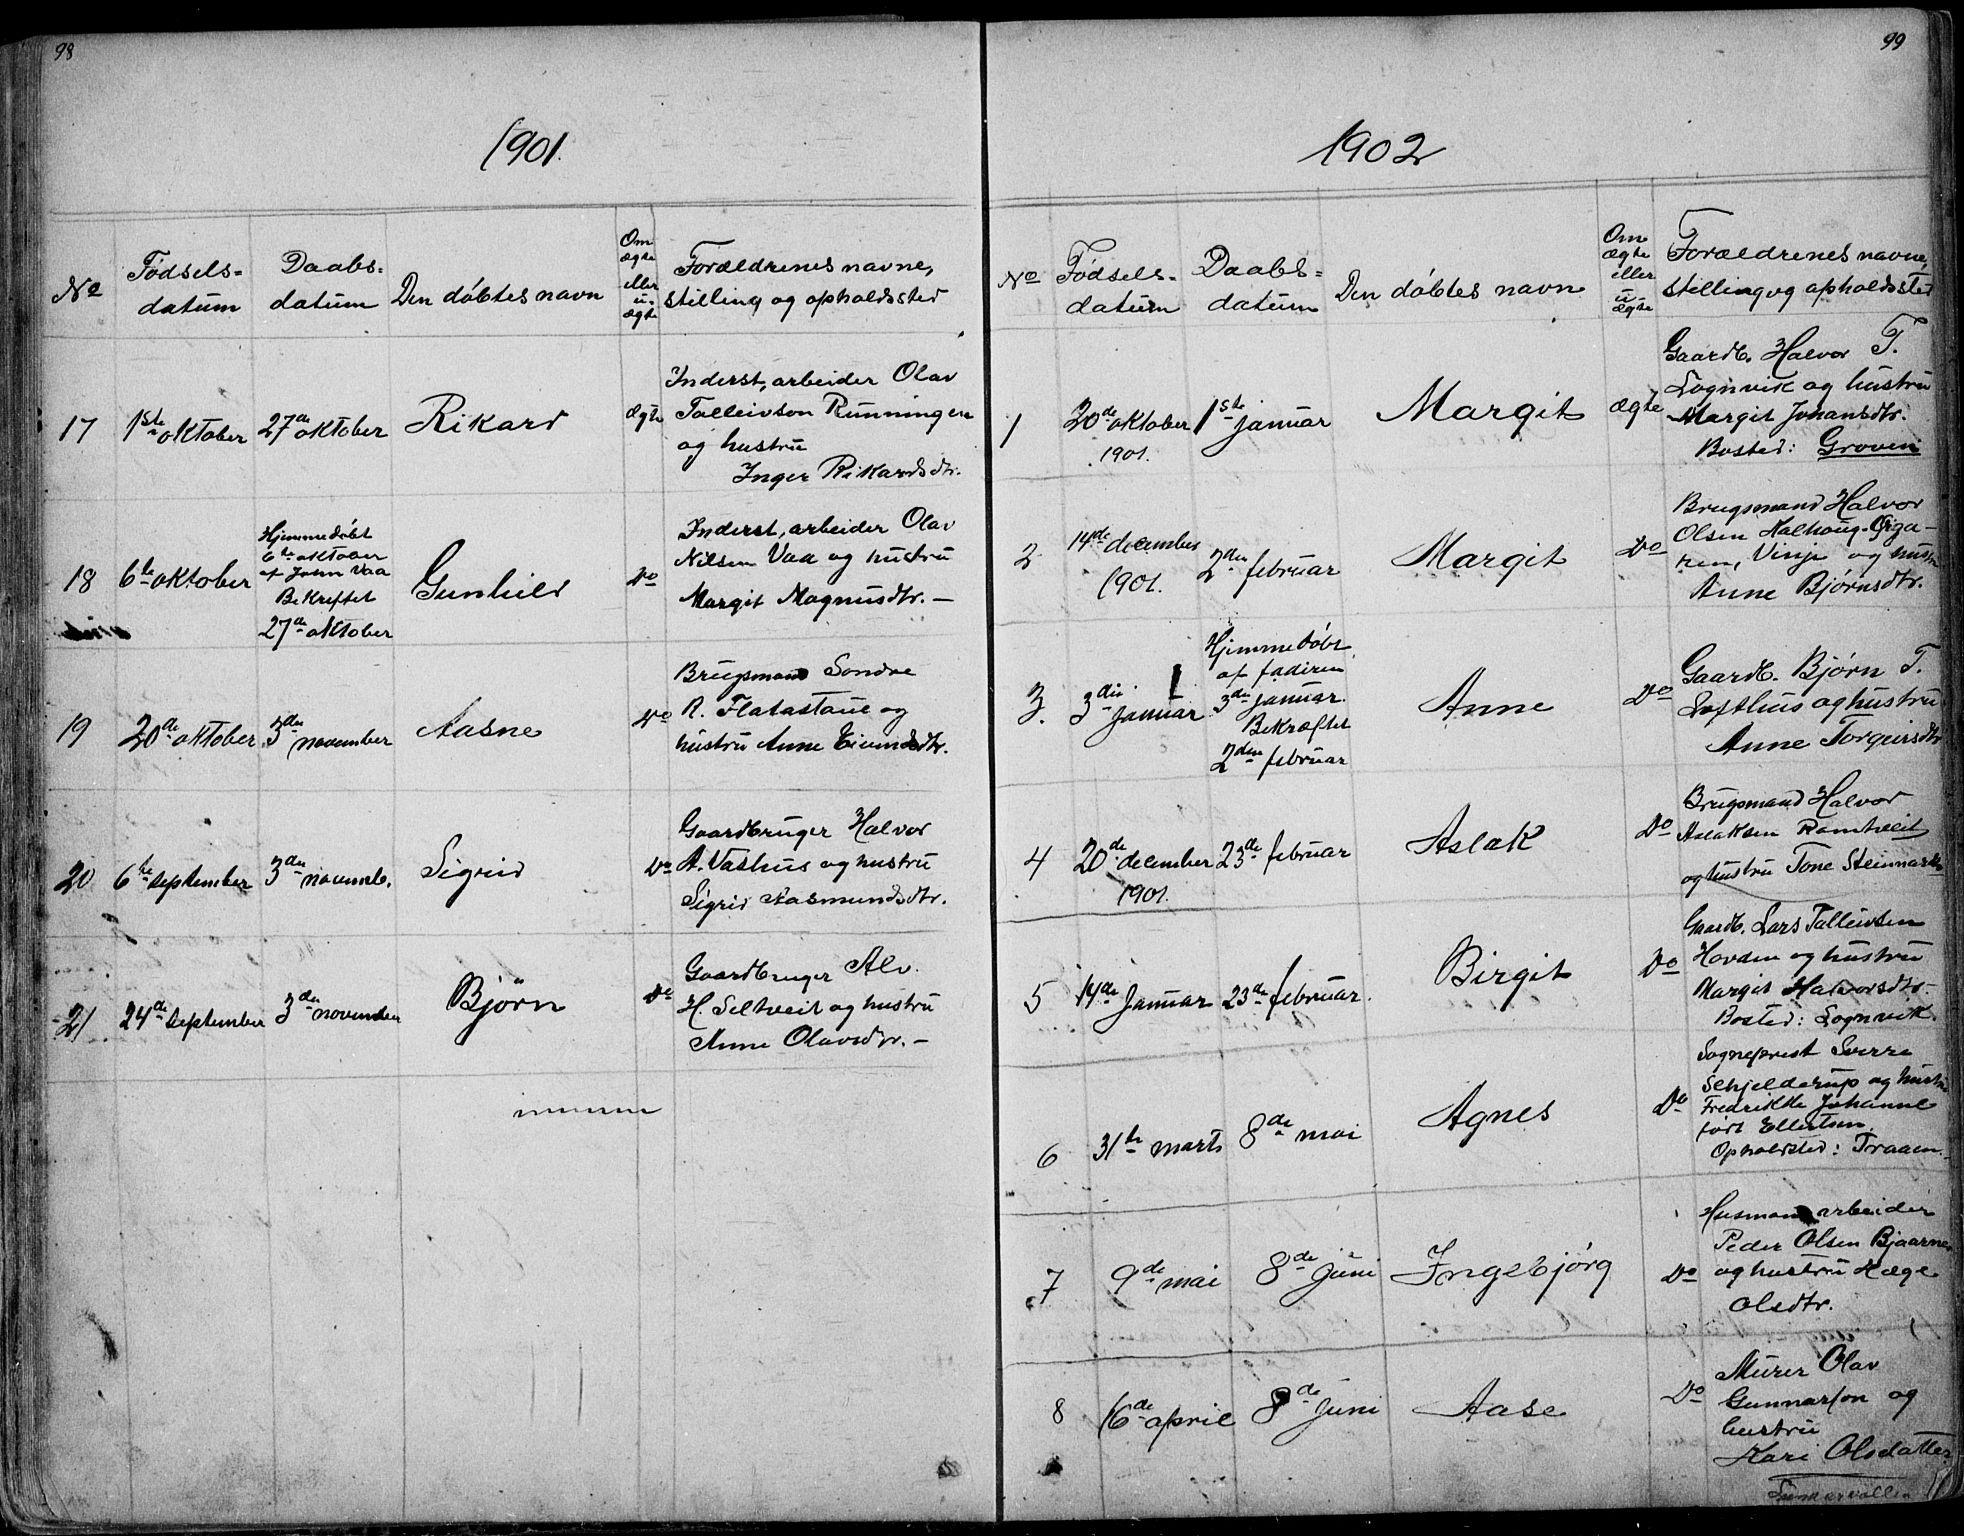 SAKO, Rauland kirkebøker, G/Ga/L0002: Klokkerbok nr. I 2, 1849-1935, s. 98-99